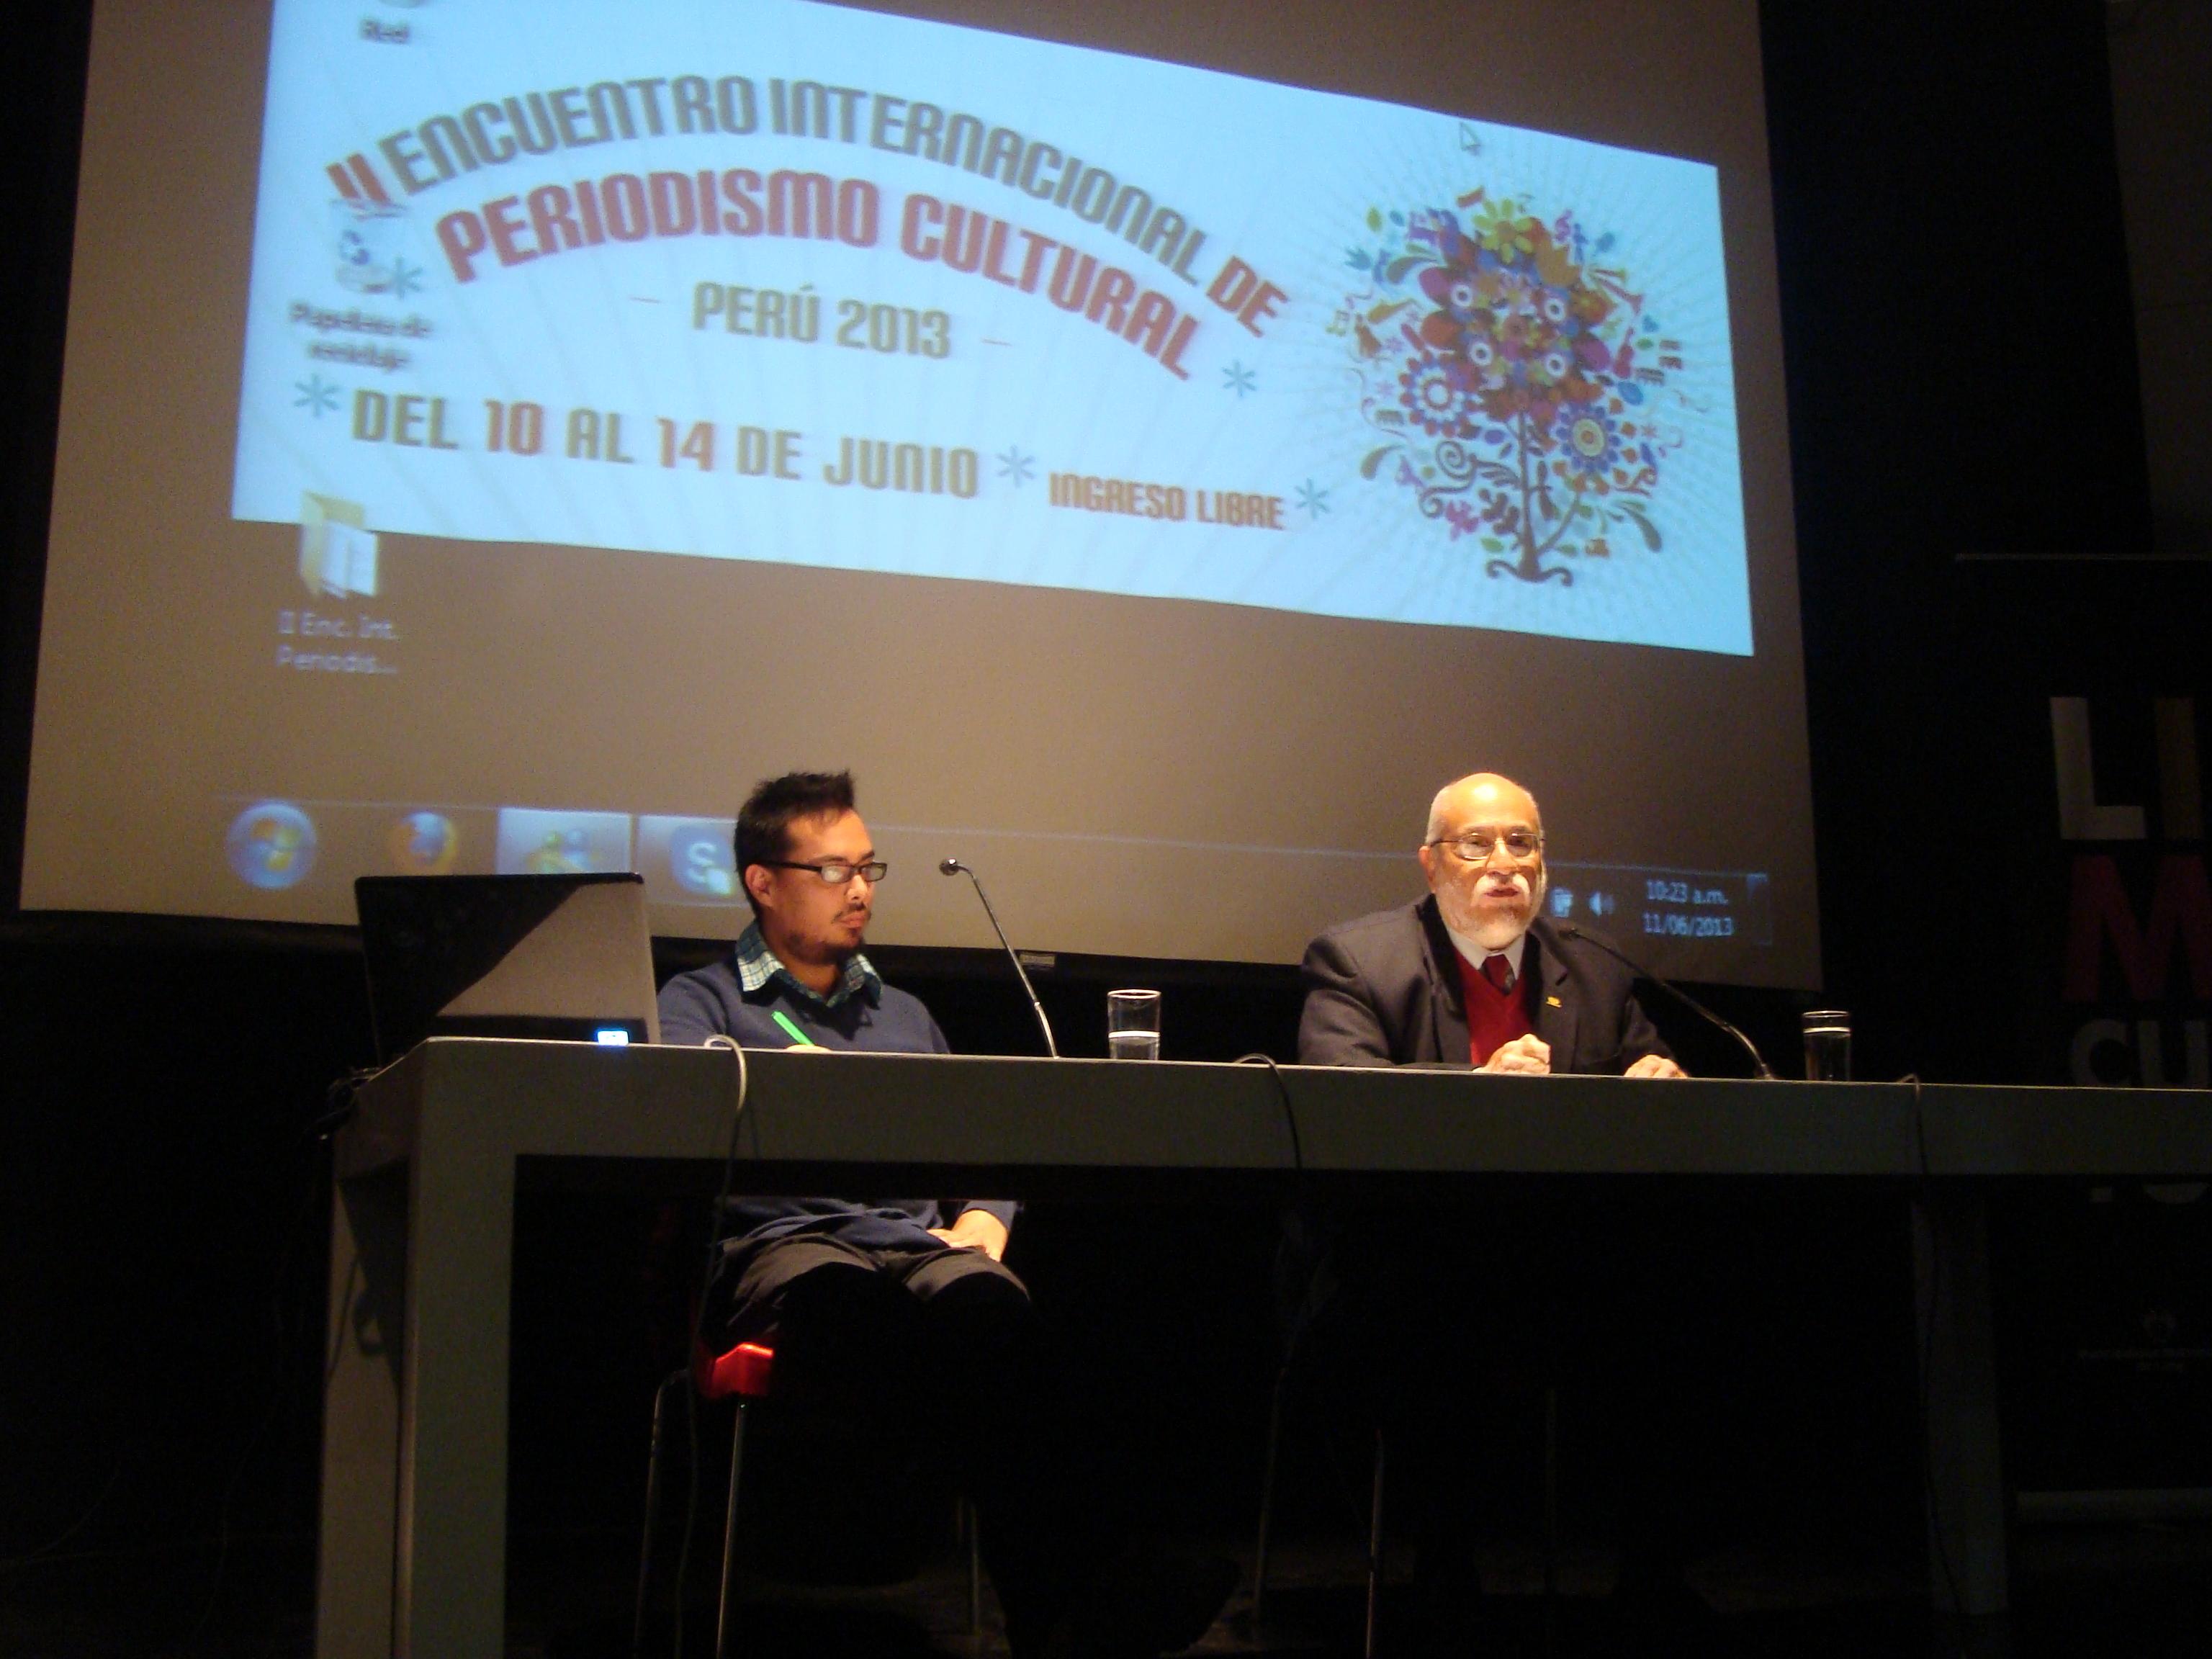 Camilo Riveros y Juan José Beteta en el II Encuentro Internacional de Periodismo Cultural